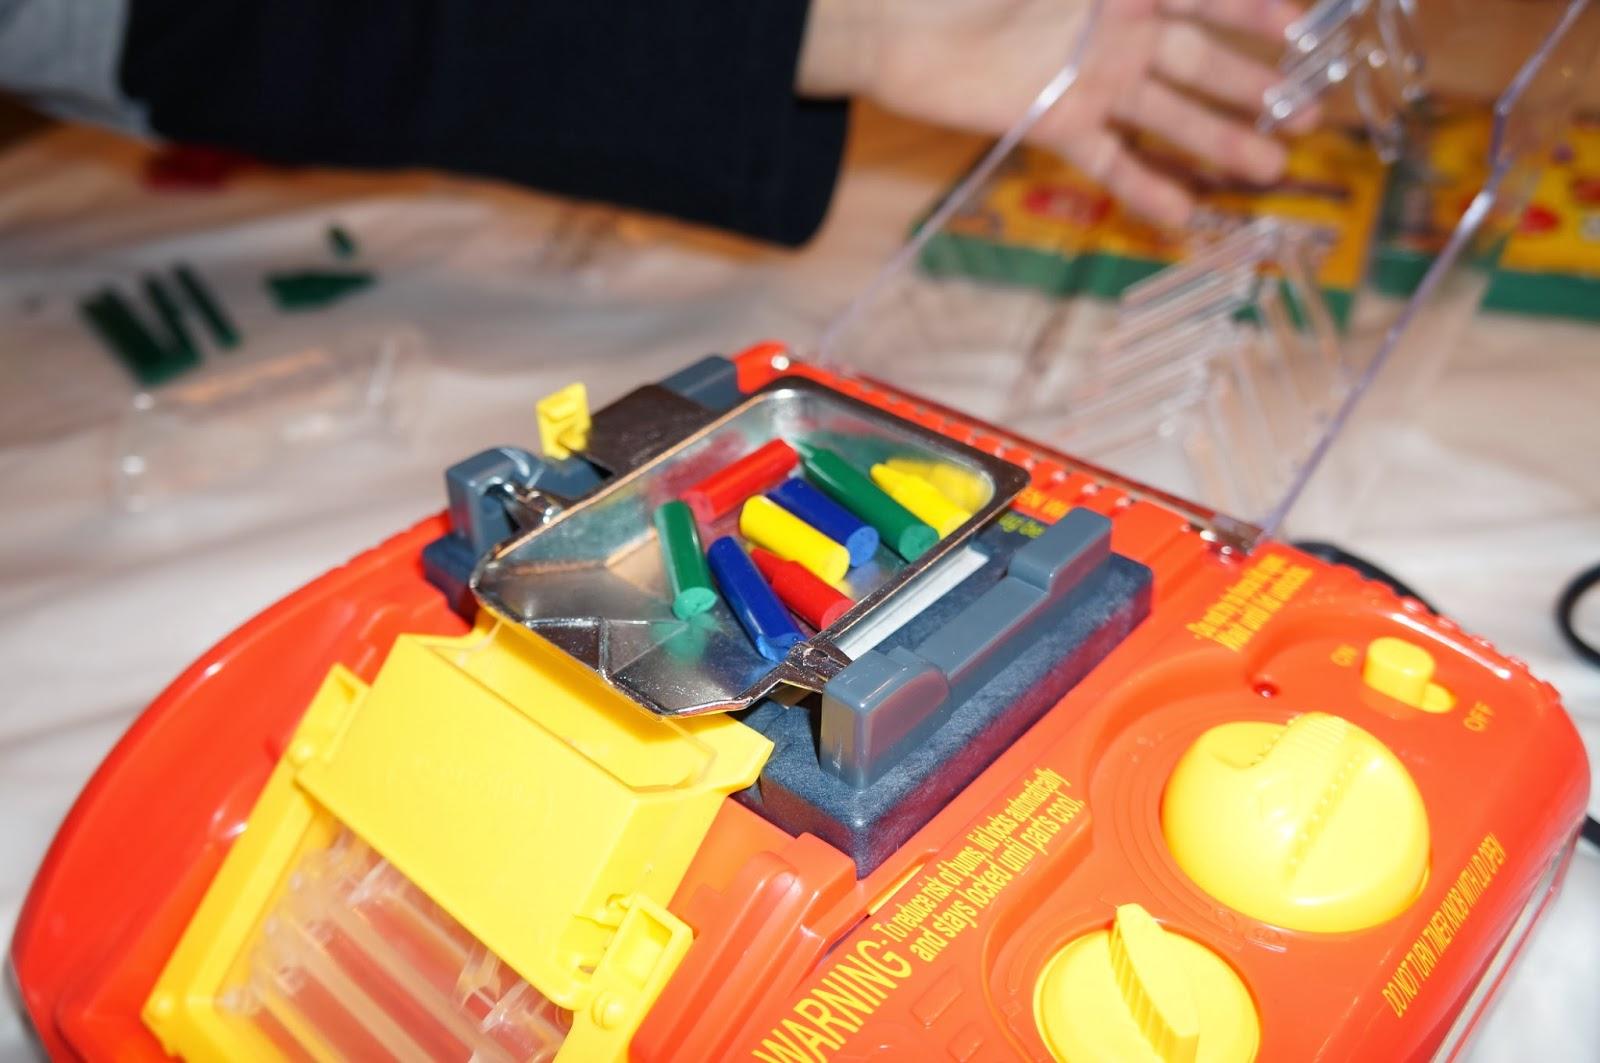 Bút sáp màu nóng chảy có thể viết lên mọi bề mặt của Crayola: cơn ác mộng mới của các bậc phụ huynh?